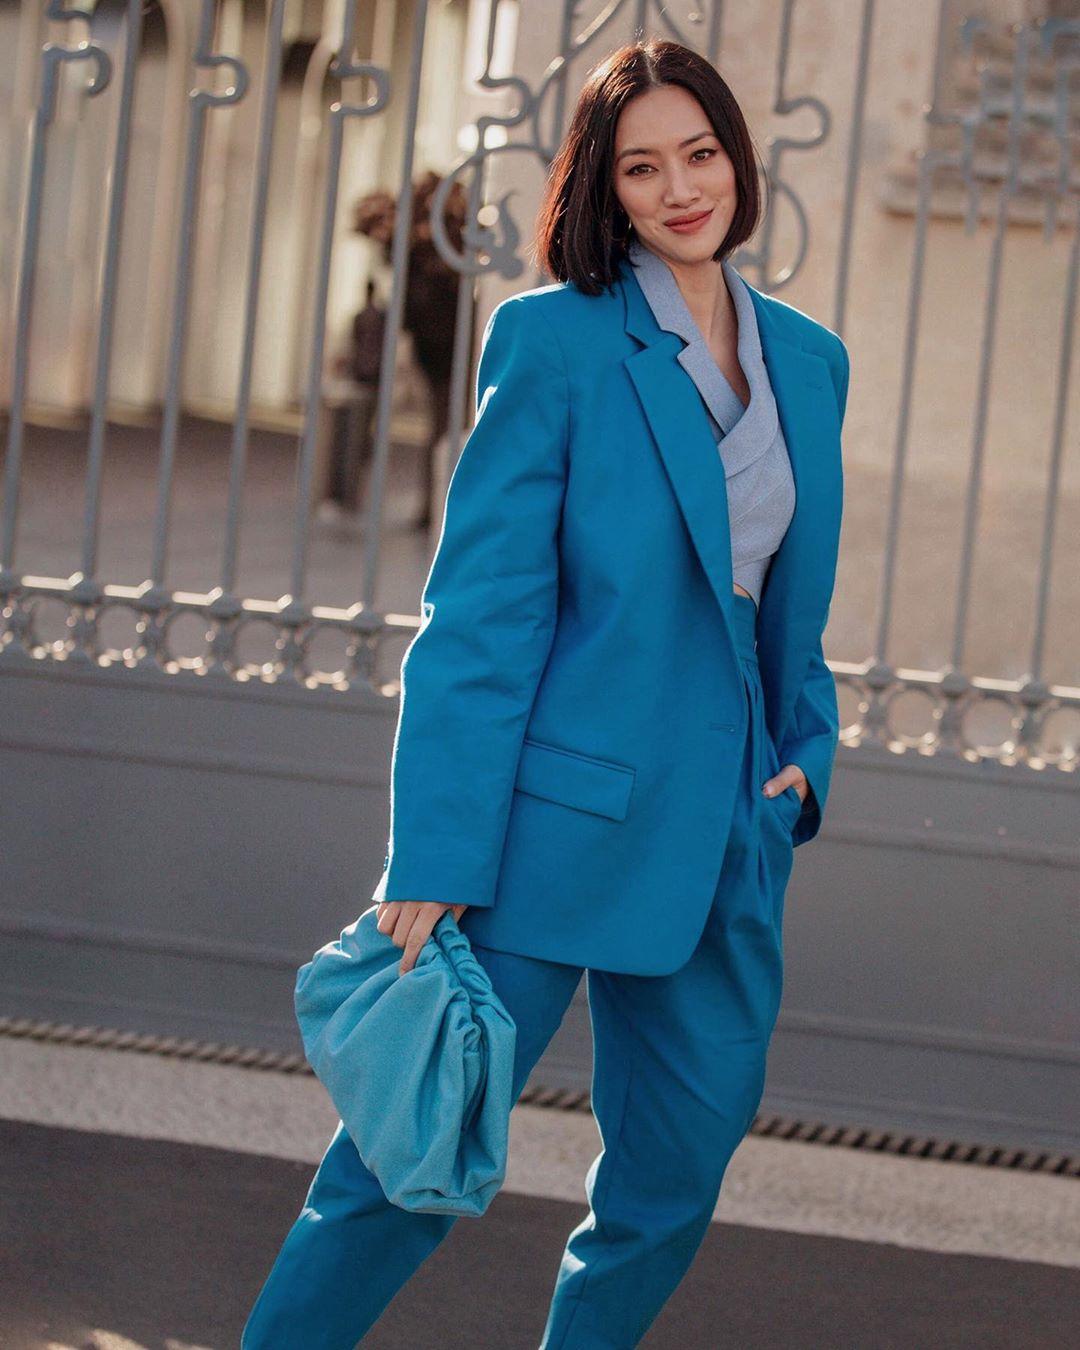 Tiffany-Hsu-Wallpapers-Insta-Fit-Bio-4